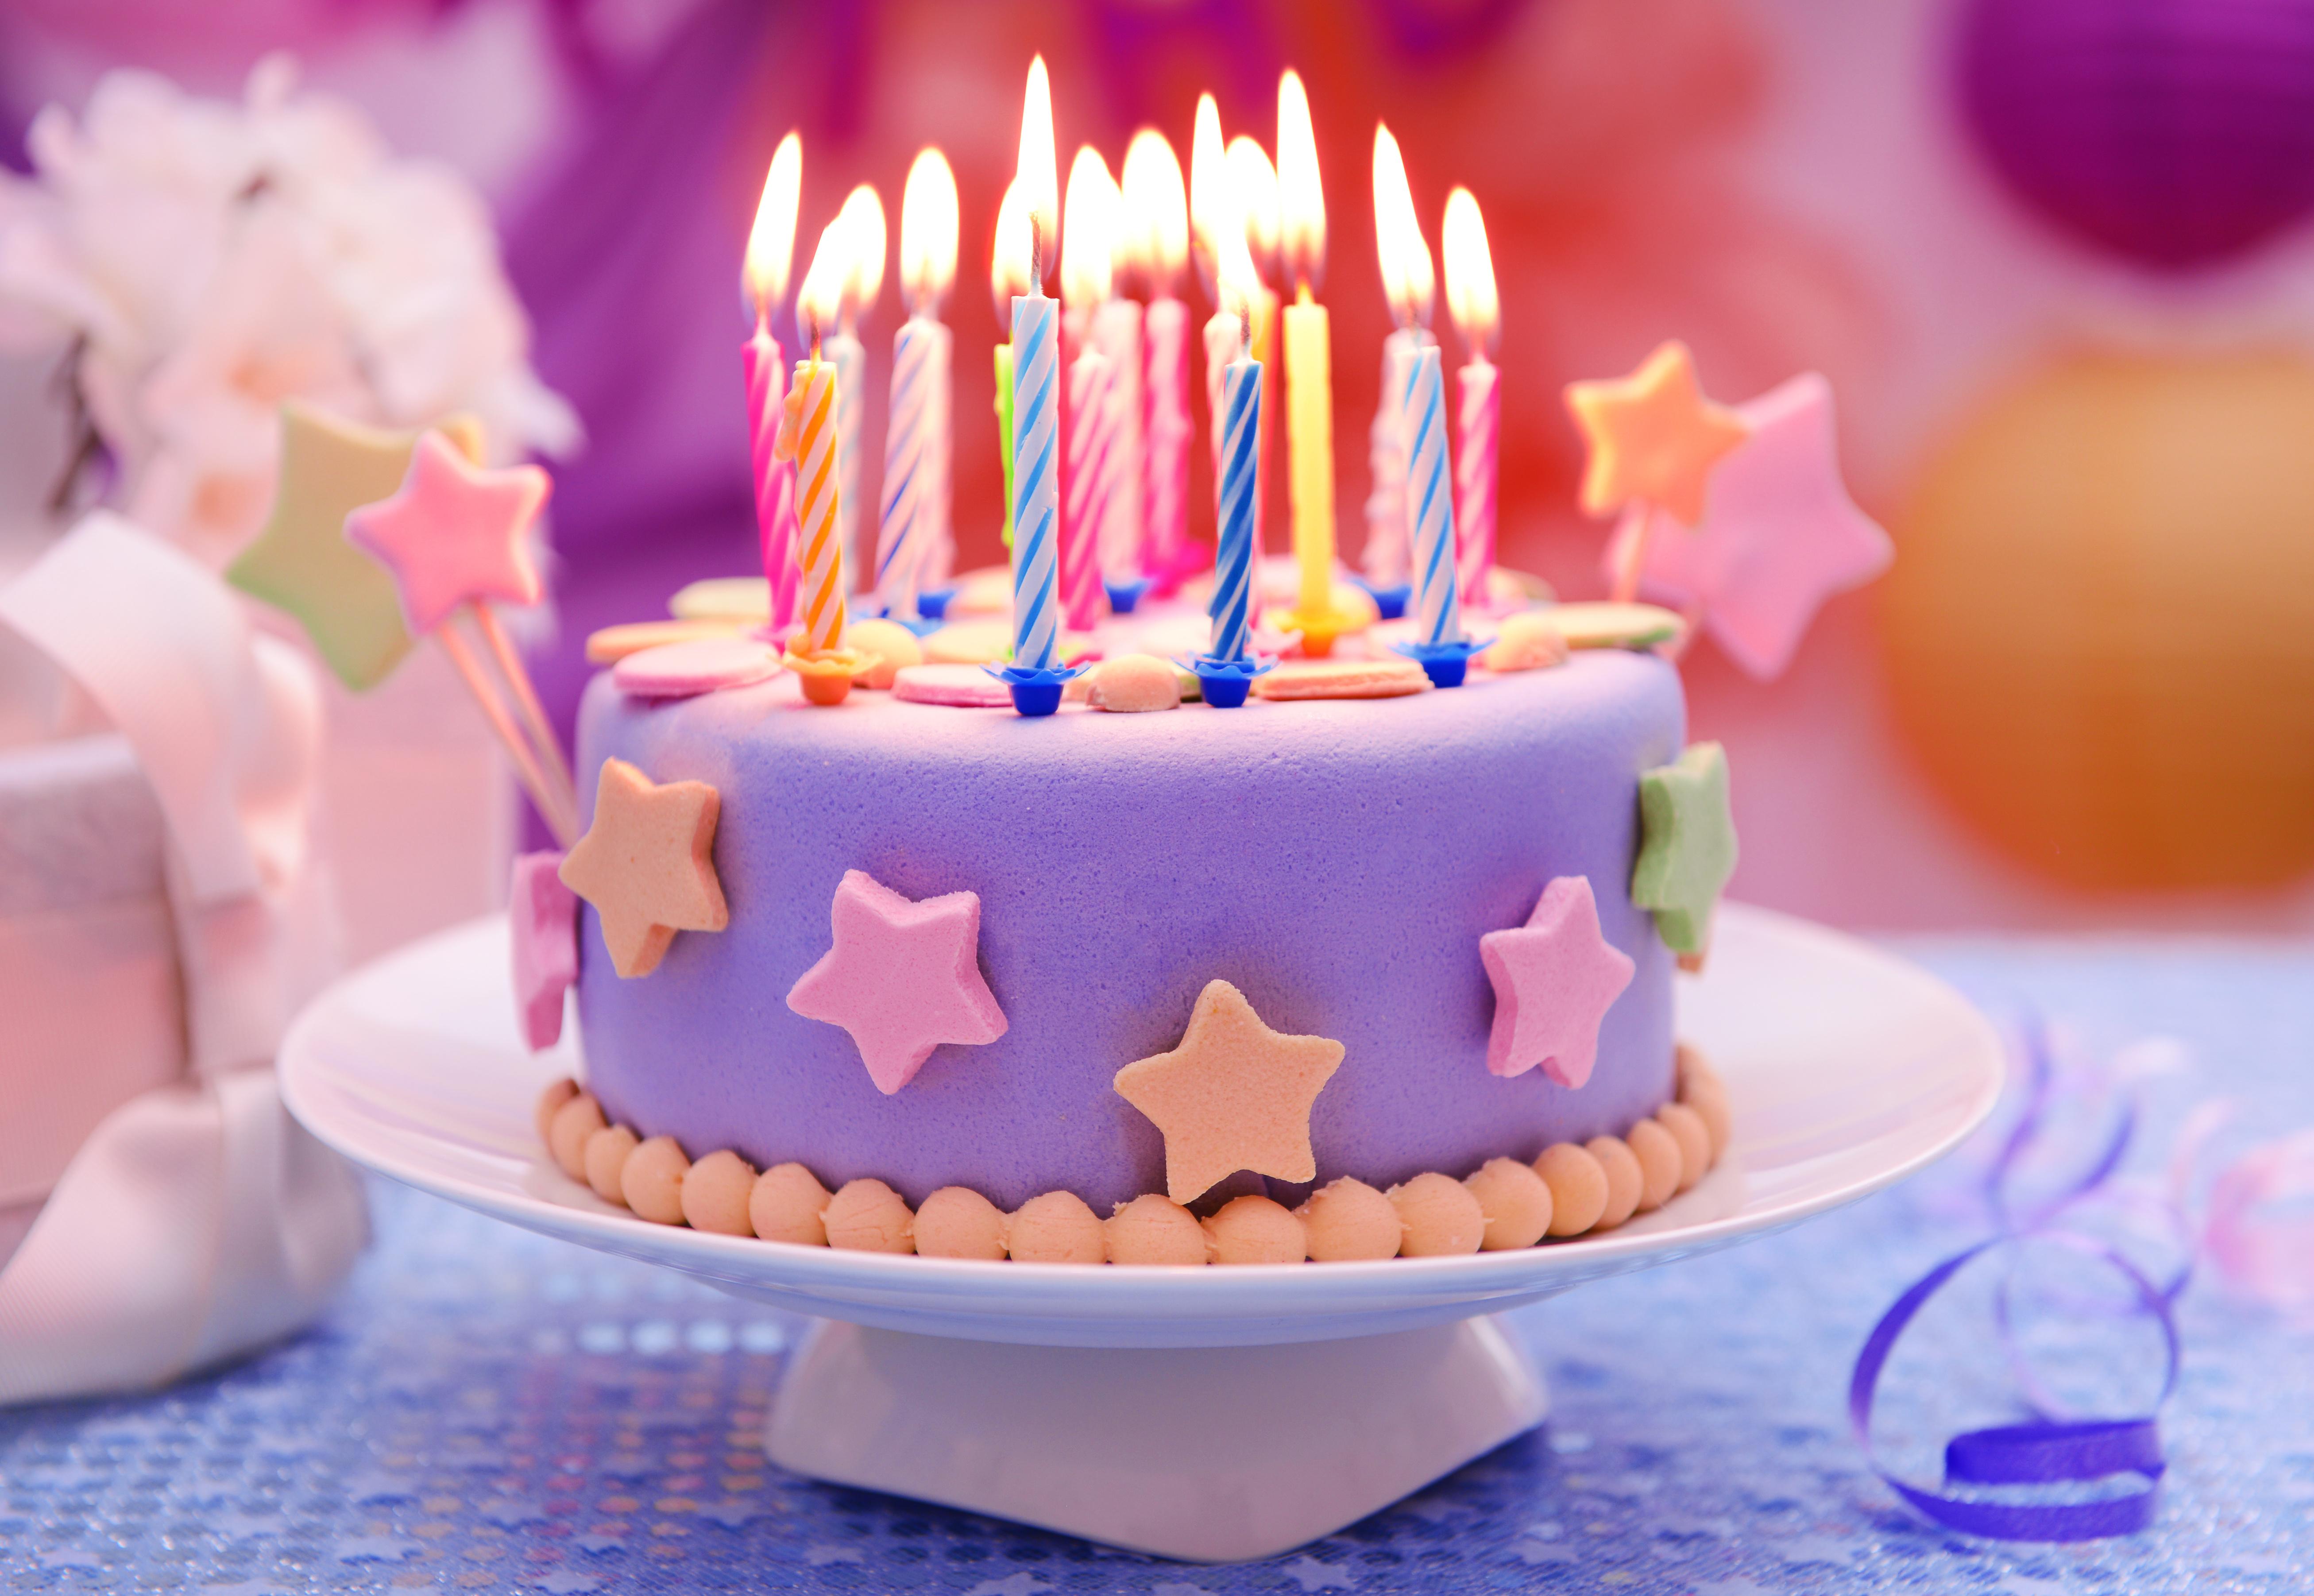 Набор из 24 свечей для торта. ЛунтикСвечи для торта<br>Набор из 24 свечей для торта. Лунтик<br>